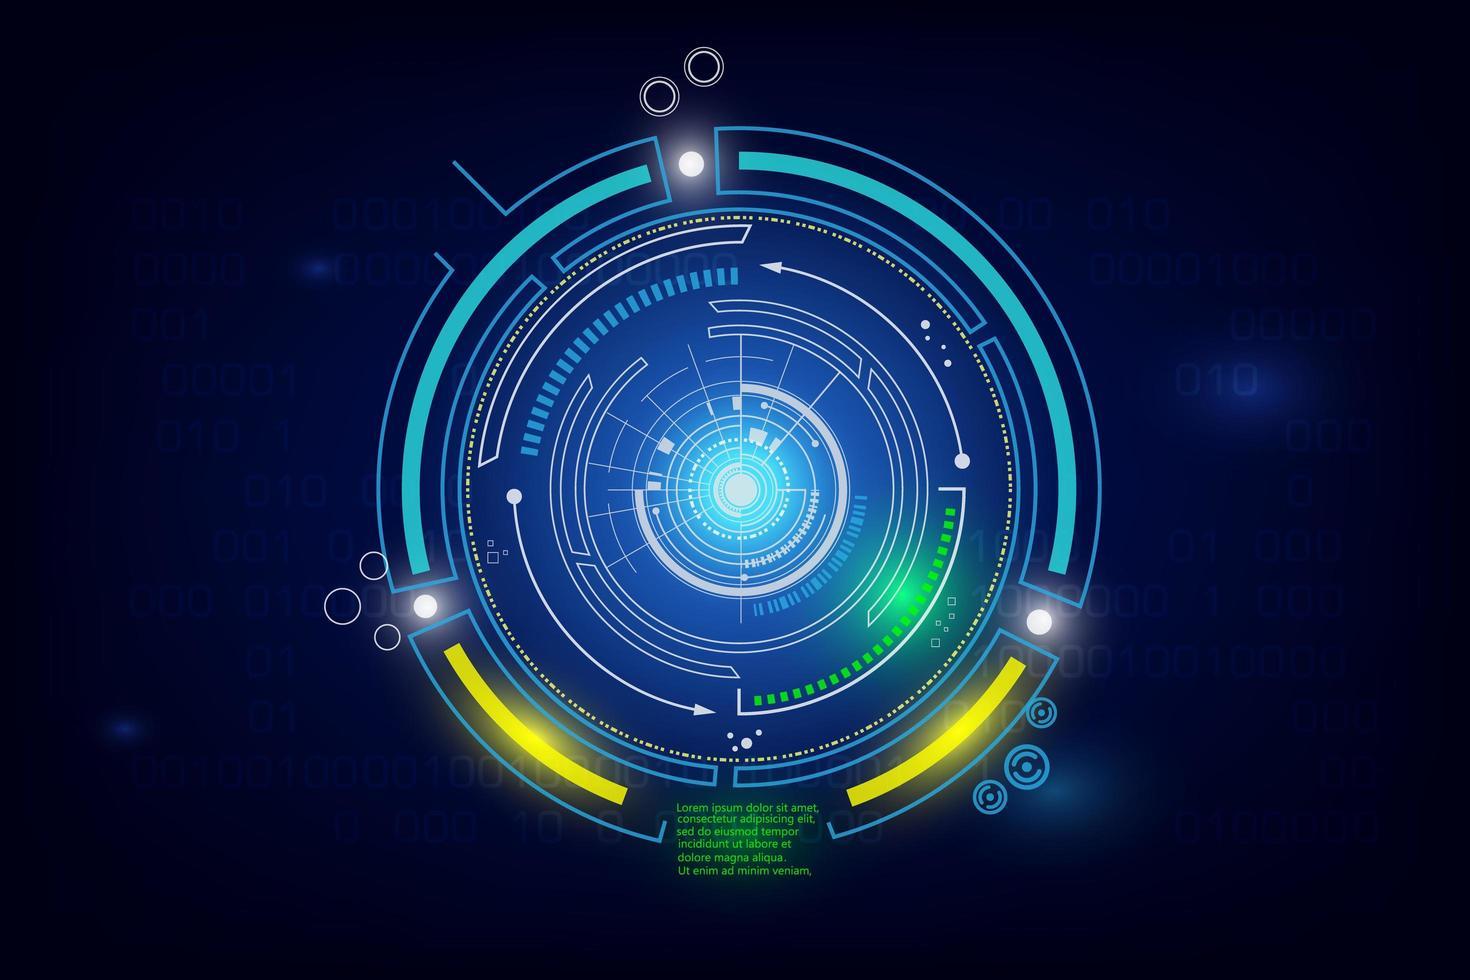 conception d'élément de science-fiction circulaire brillant vecteur